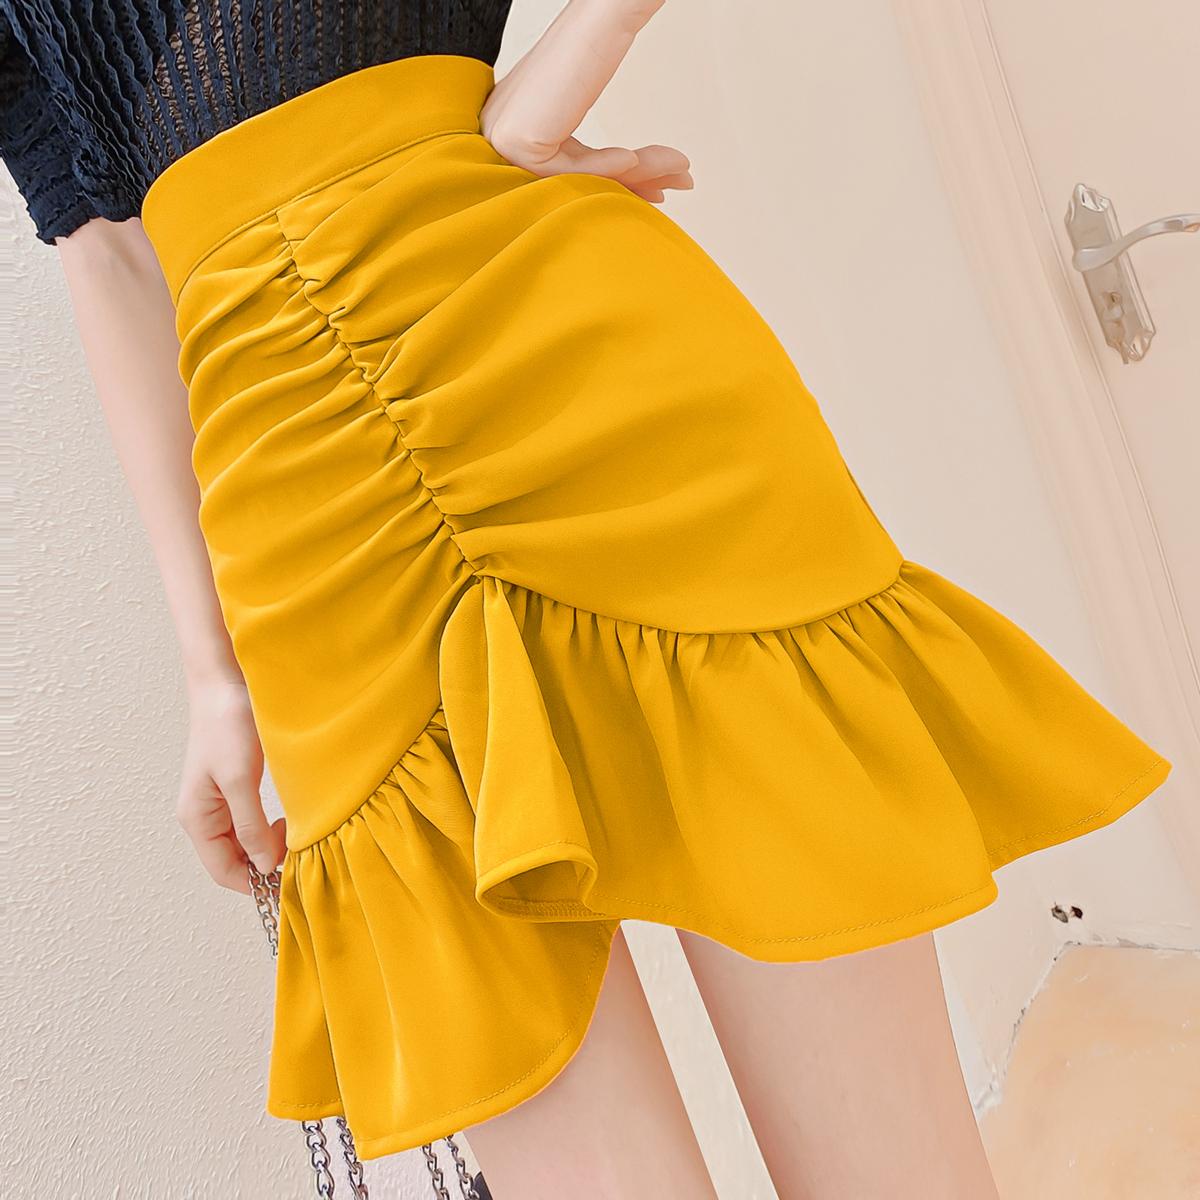 韩版褶皱荷叶边半身裙a字高腰显瘦夏季不规则包臀不规则短裙女